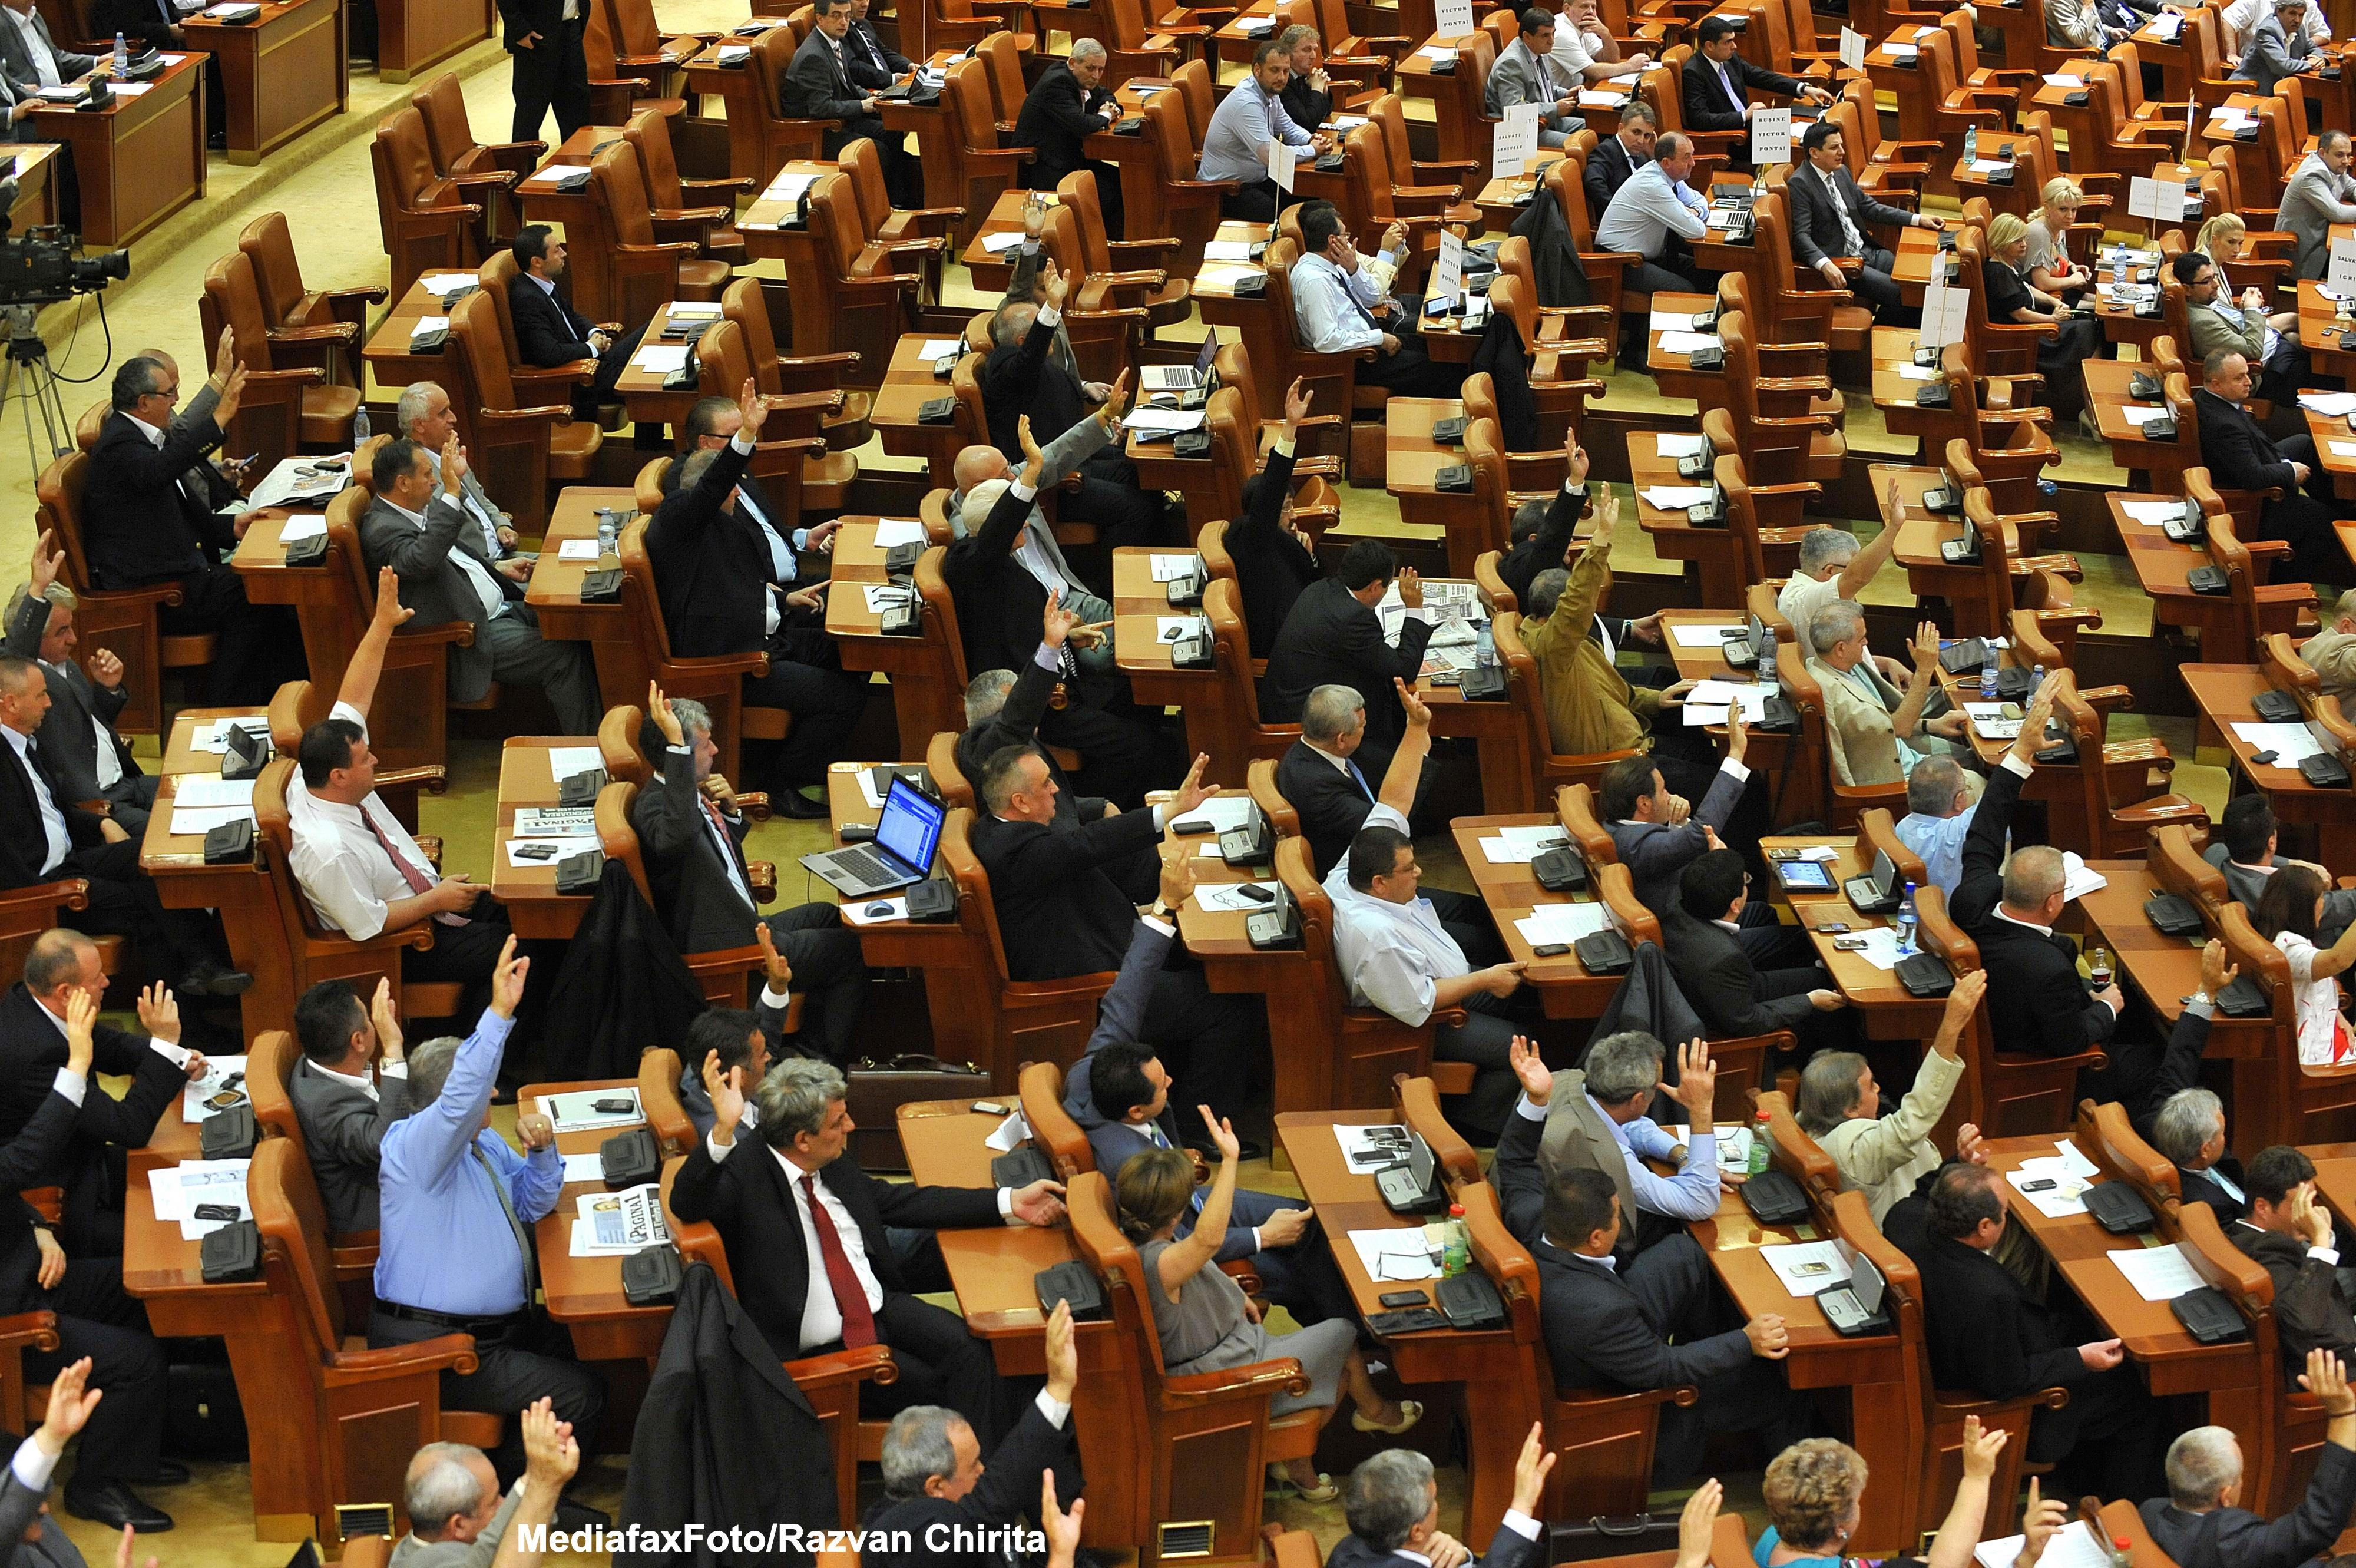 Revizuirea Constitutiei: Cel propus de partidul cu cel mai mare numar de mandate, desemnat premier